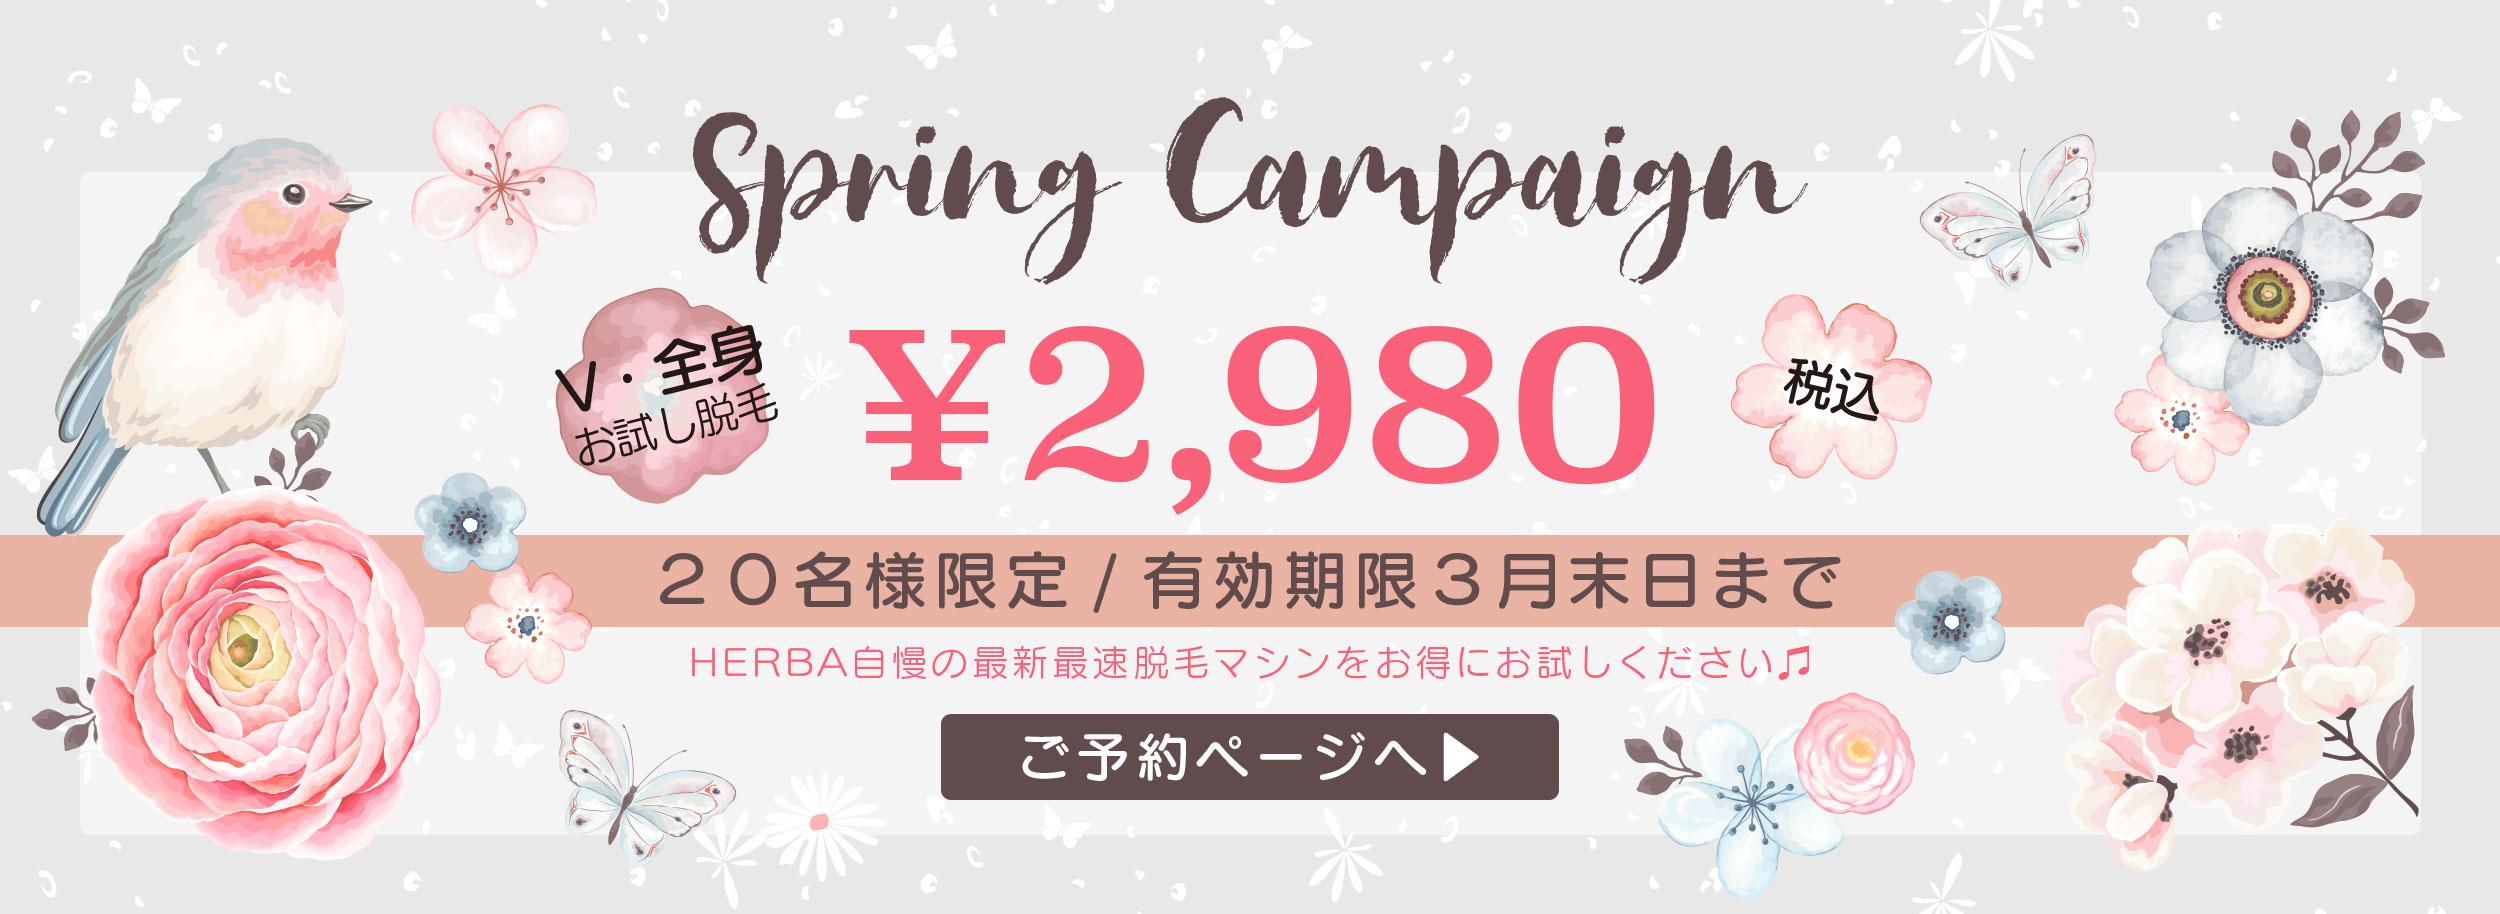 旭川エステティックサロン ヘルバ 2020スプリングキャンペーン